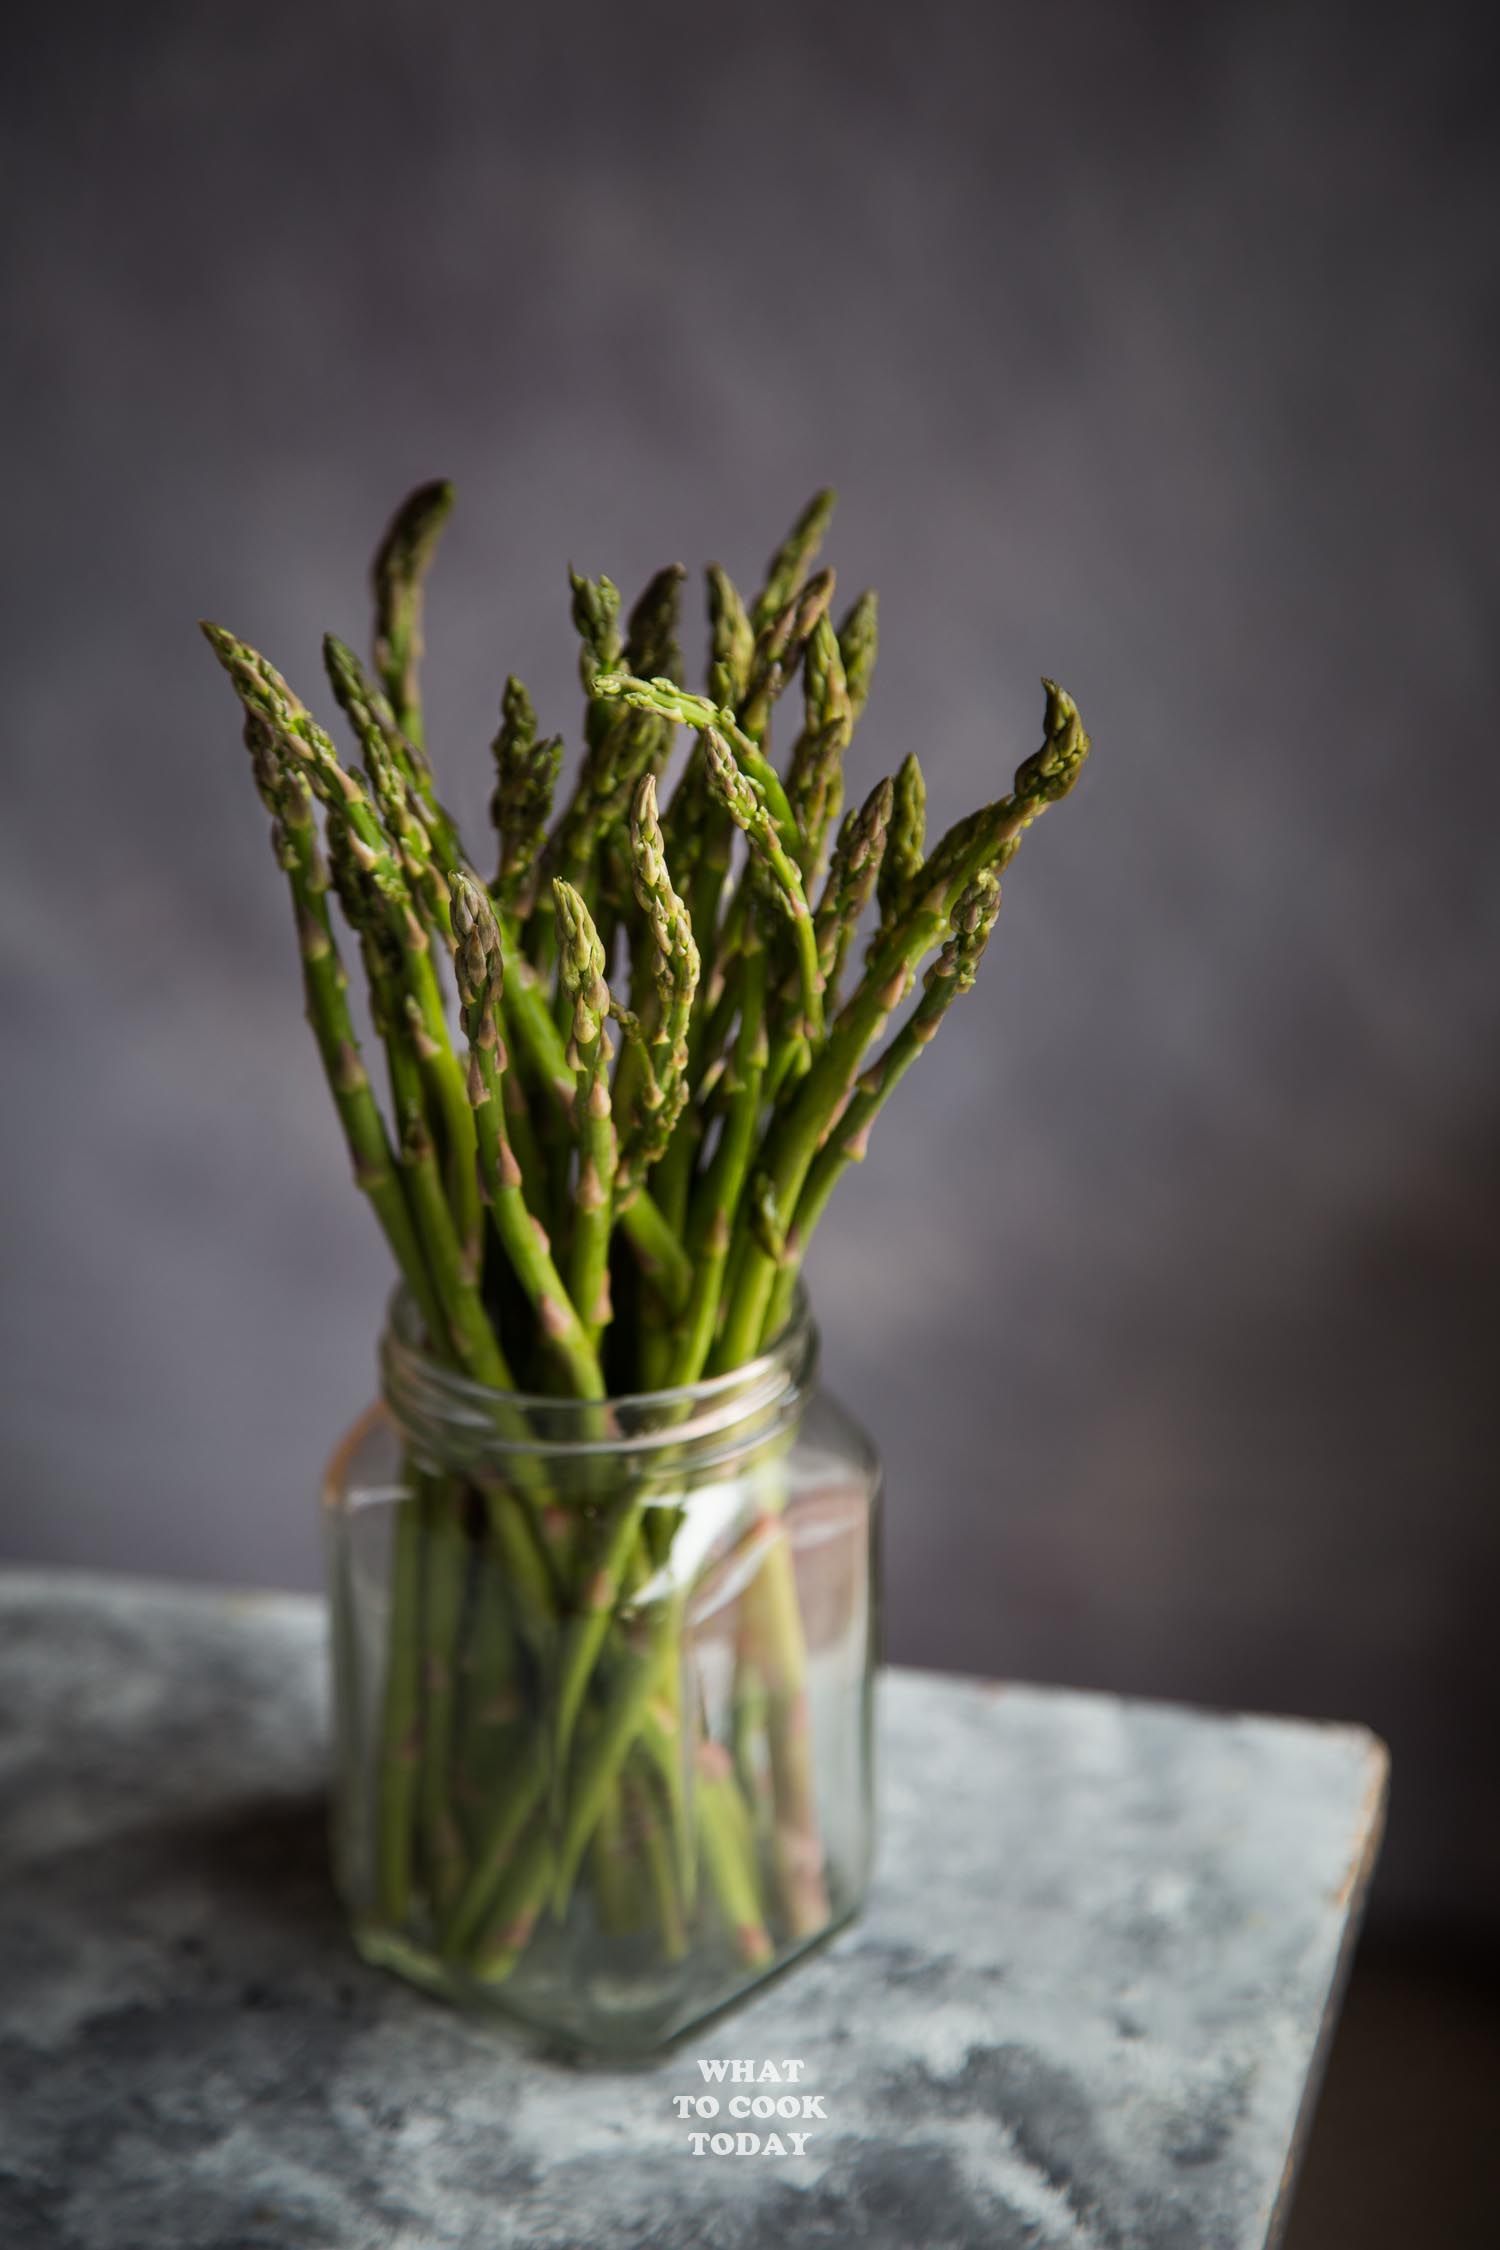 Super Easy and Versatile Stir-fried Asparagus and Shrimp